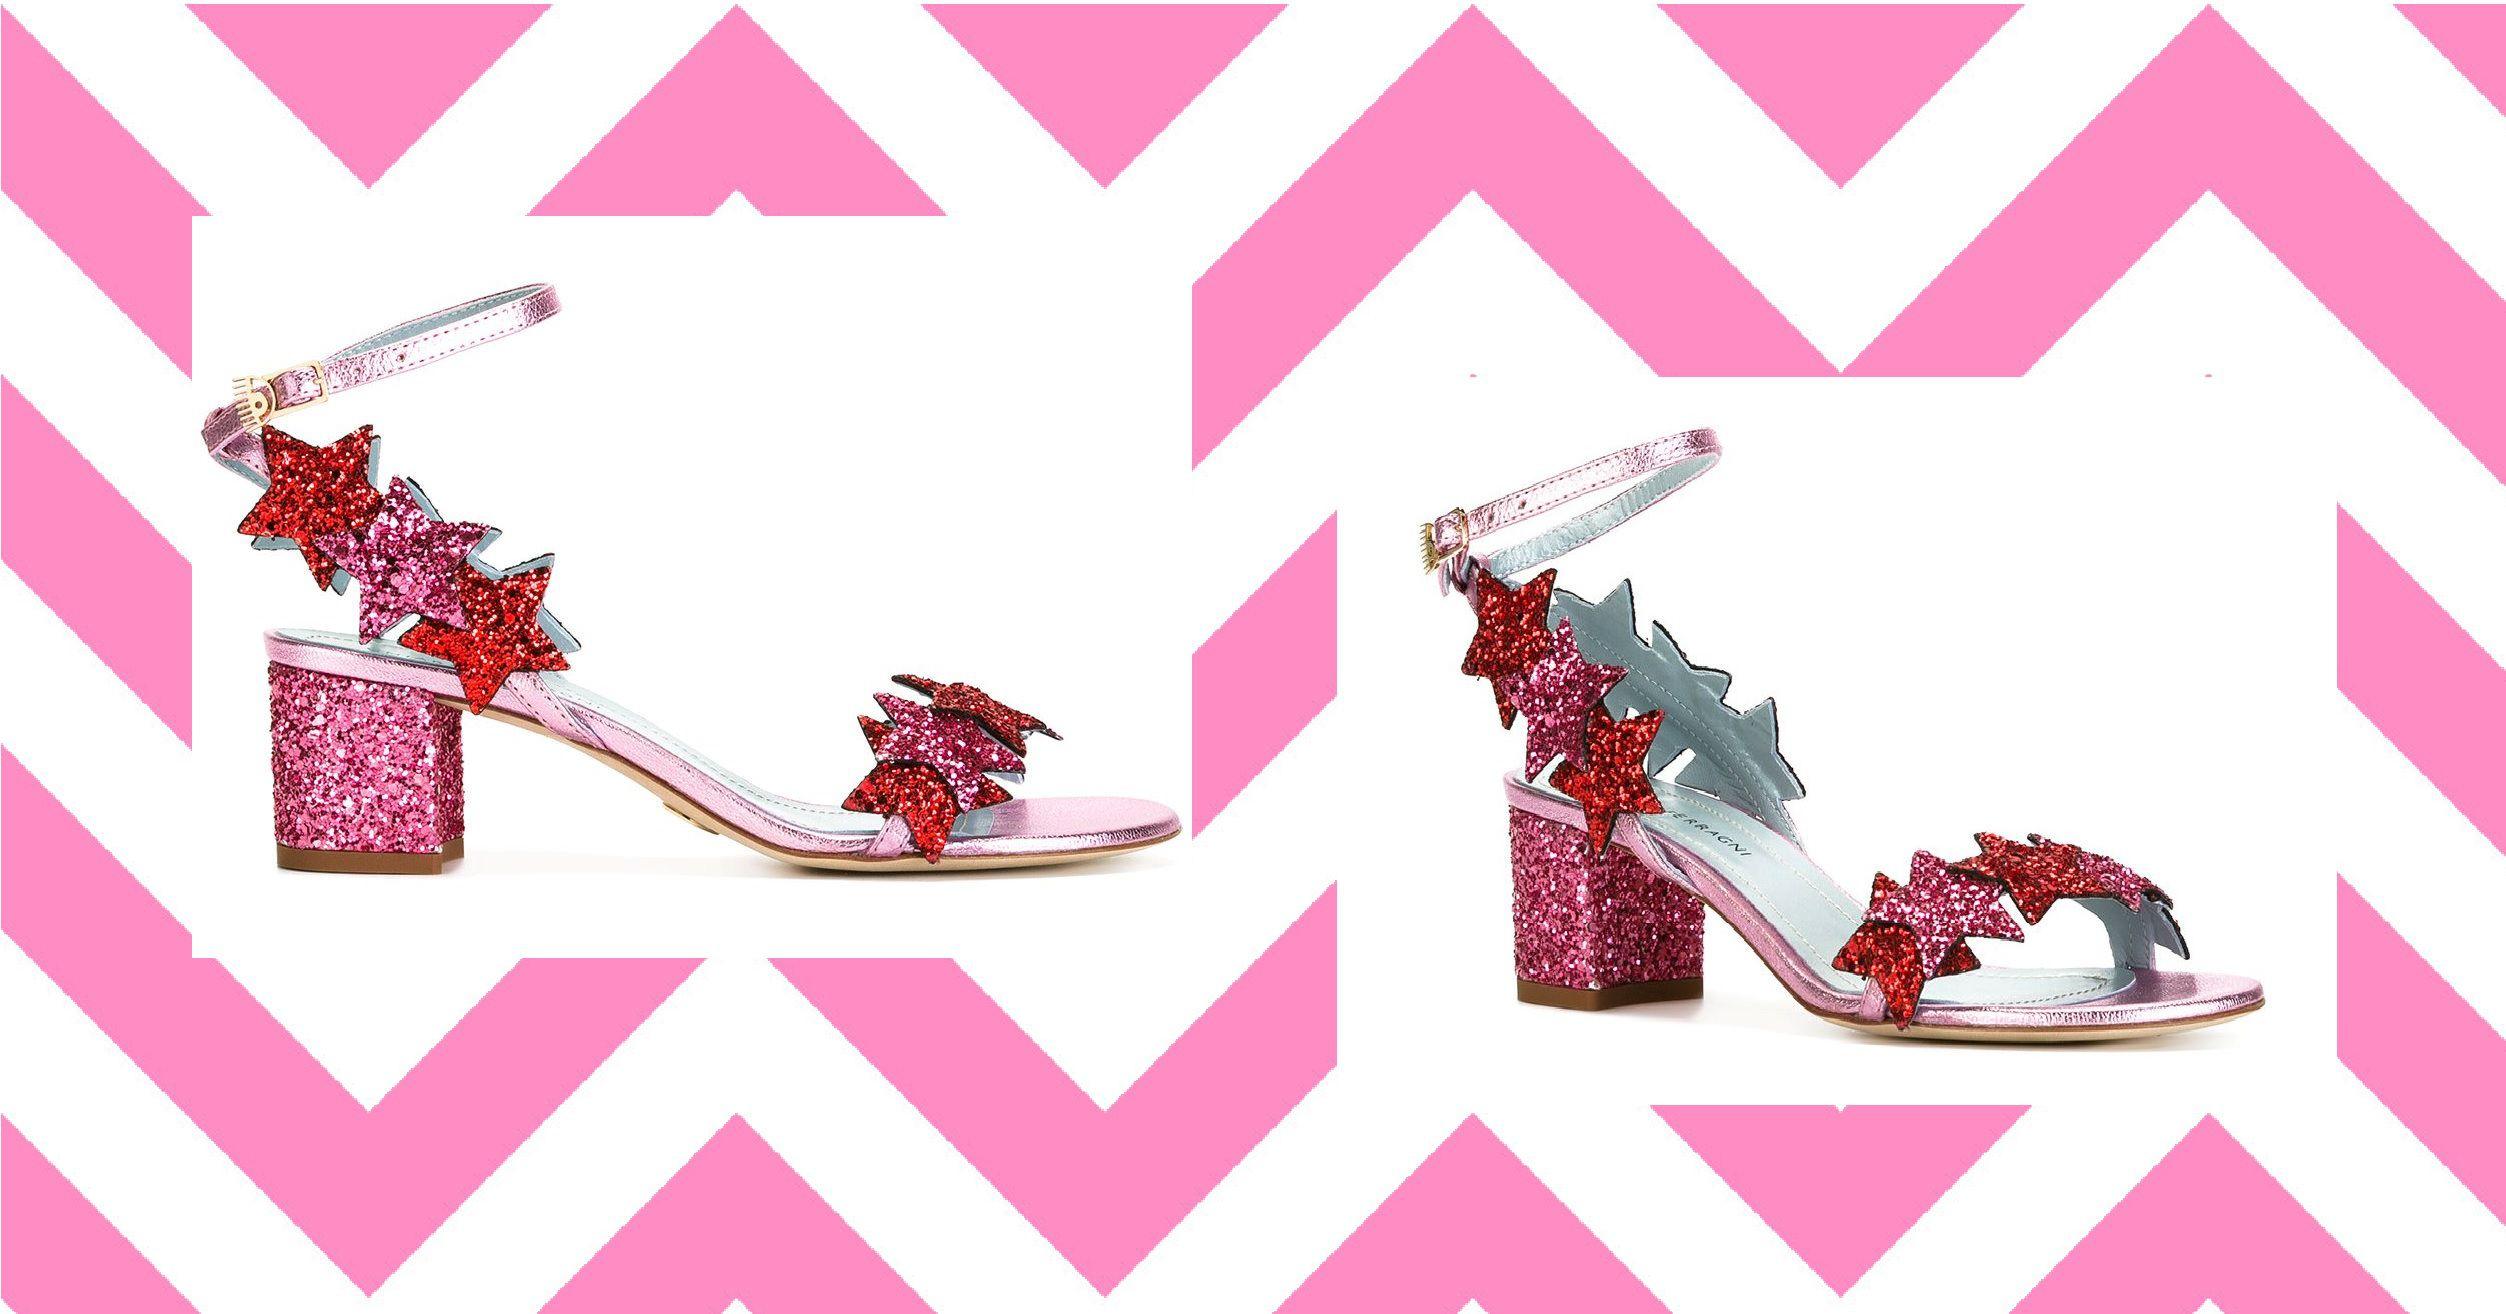 Ove dizajnerske sandale su san snova, a trenutno su snižene čak 40%!